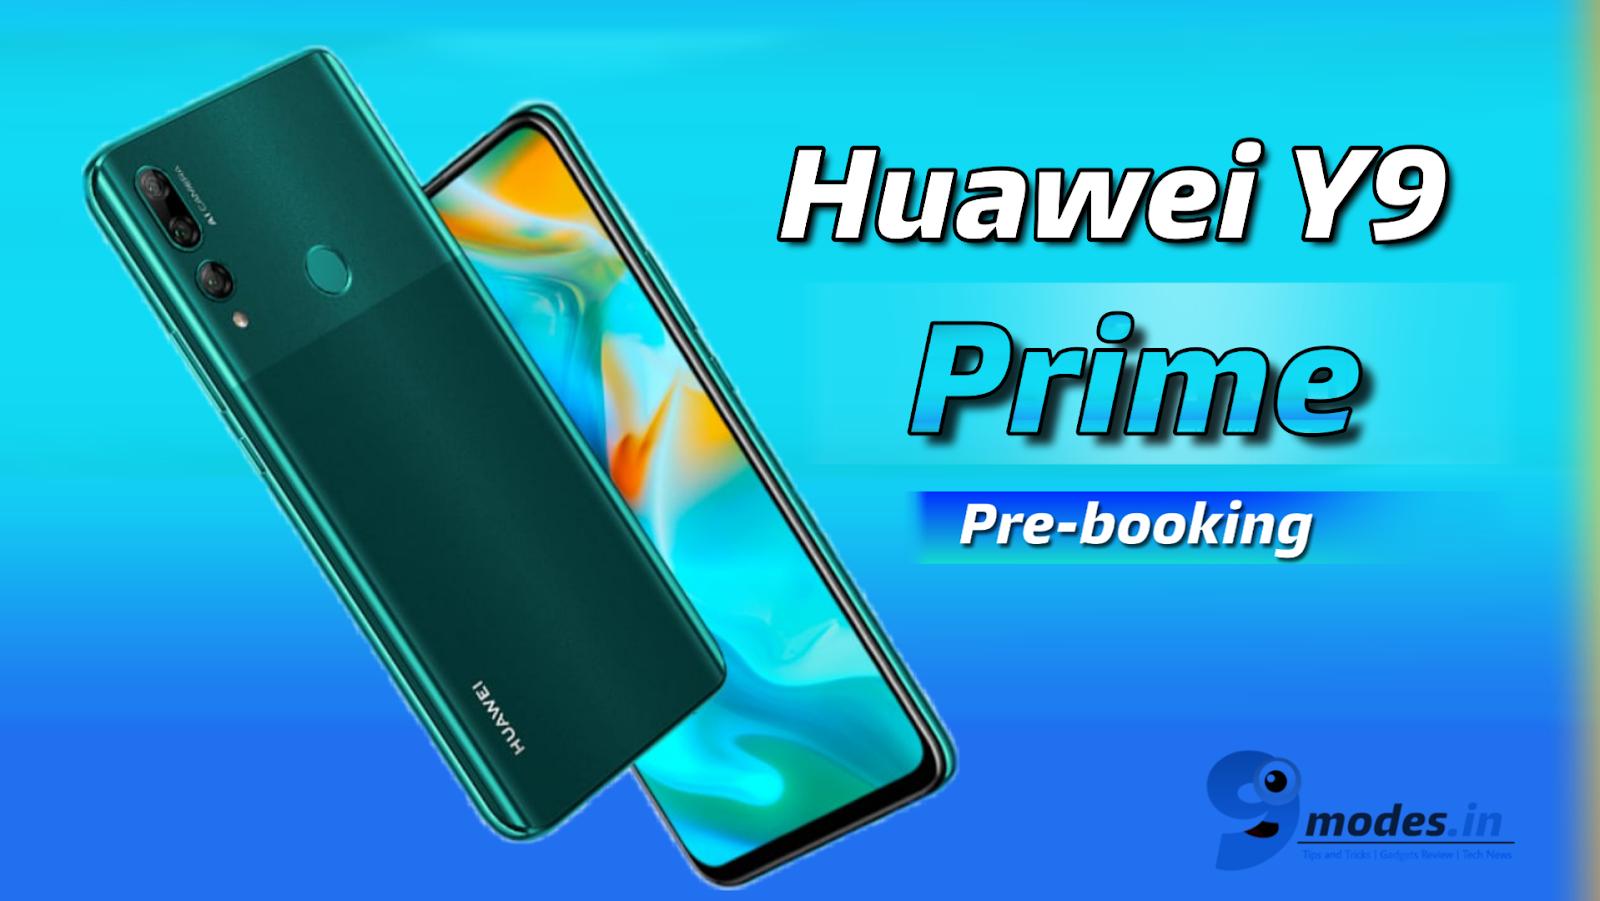 Huawei y9 pre-booking